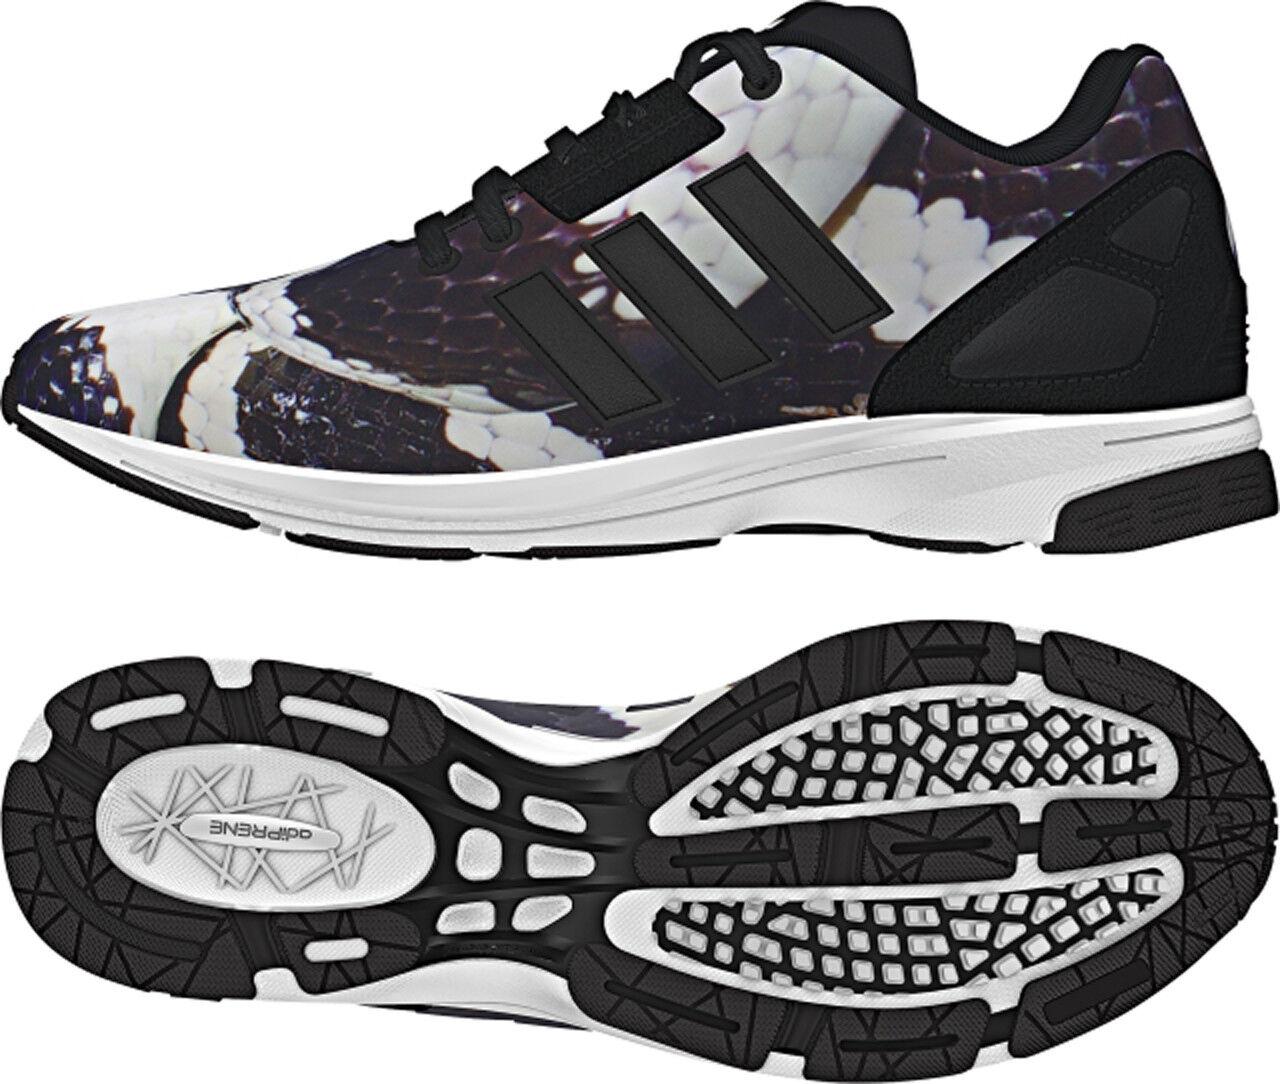 Chaussures Tech Femmes S81526 Originals Snake Flux Zx Adidas Sneaker aBt0qBw